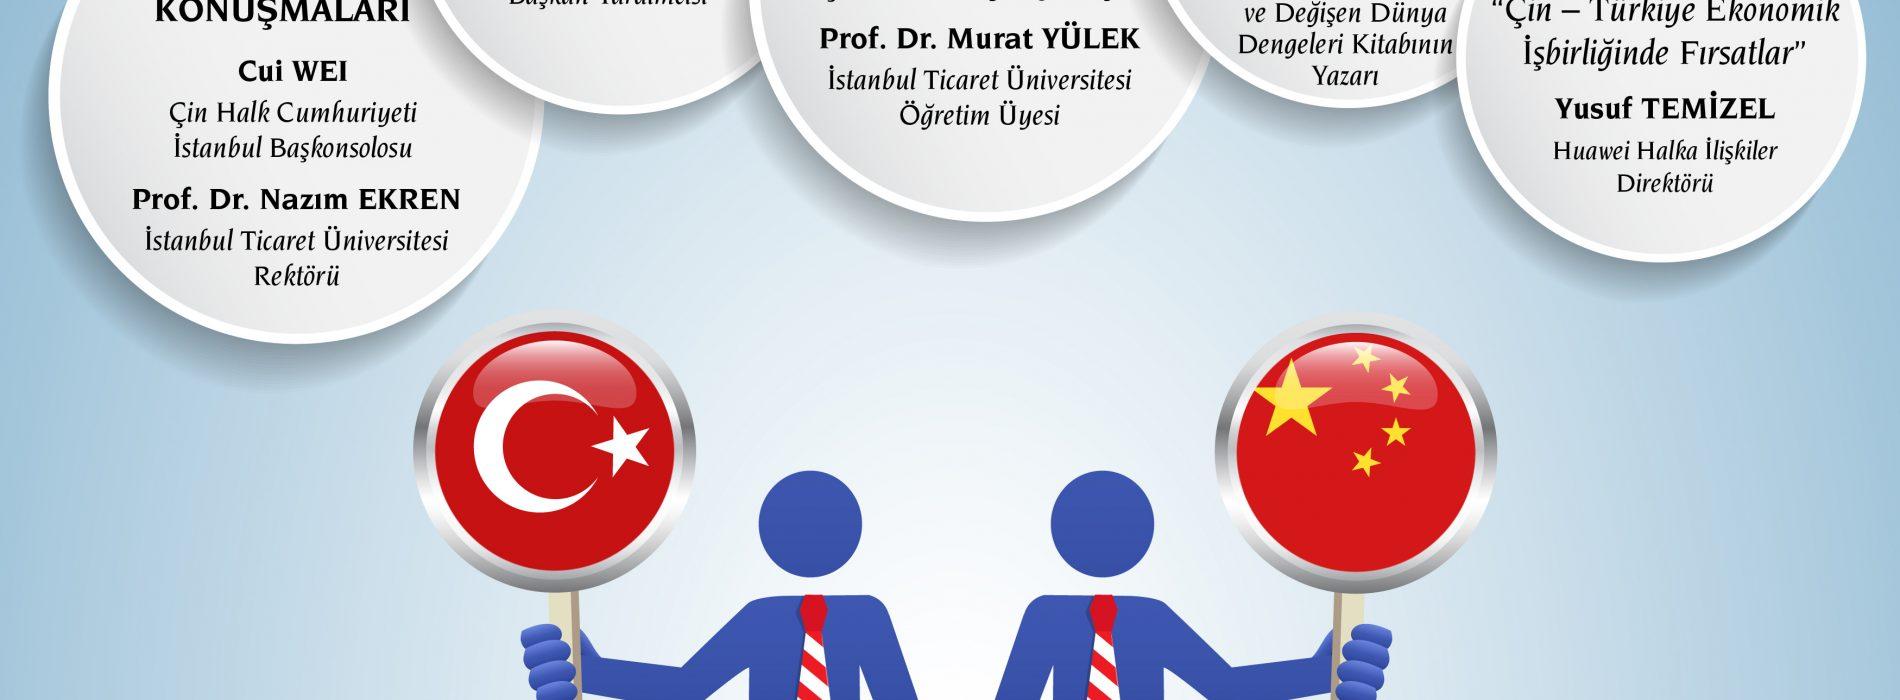 Kuşak ve Yol Projesi Bağlamında Türkiye-Çin İlişkilerinin Geleceği Konferansı